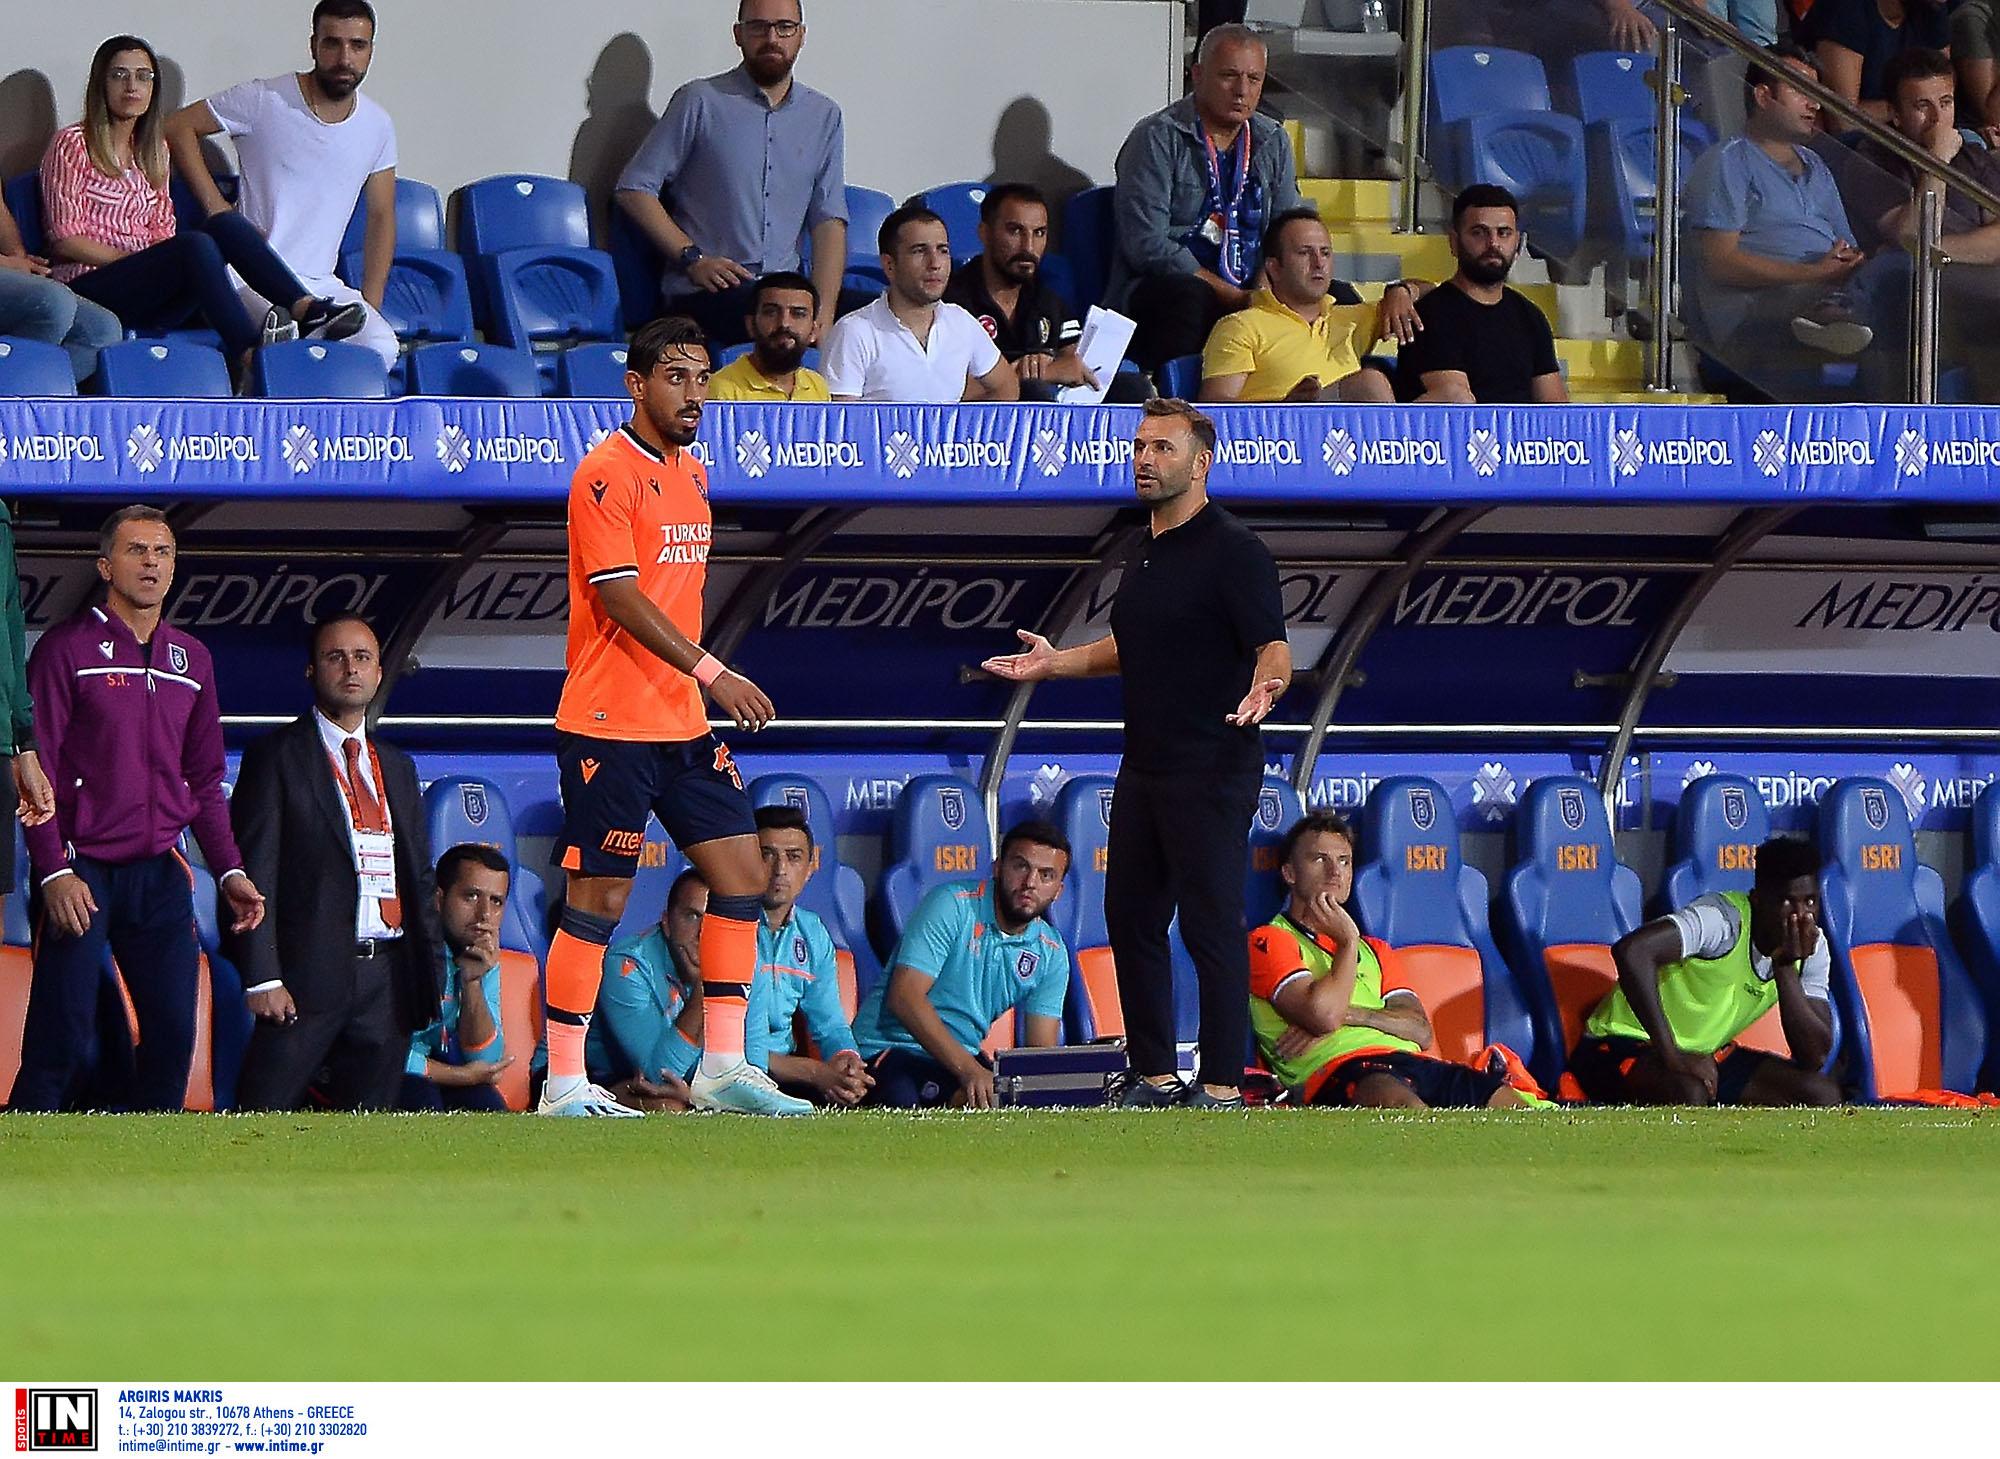 Ολυμπιακός – Μπασακσεχίρ: Χωρίς προπονητή οι Τούρκοι!